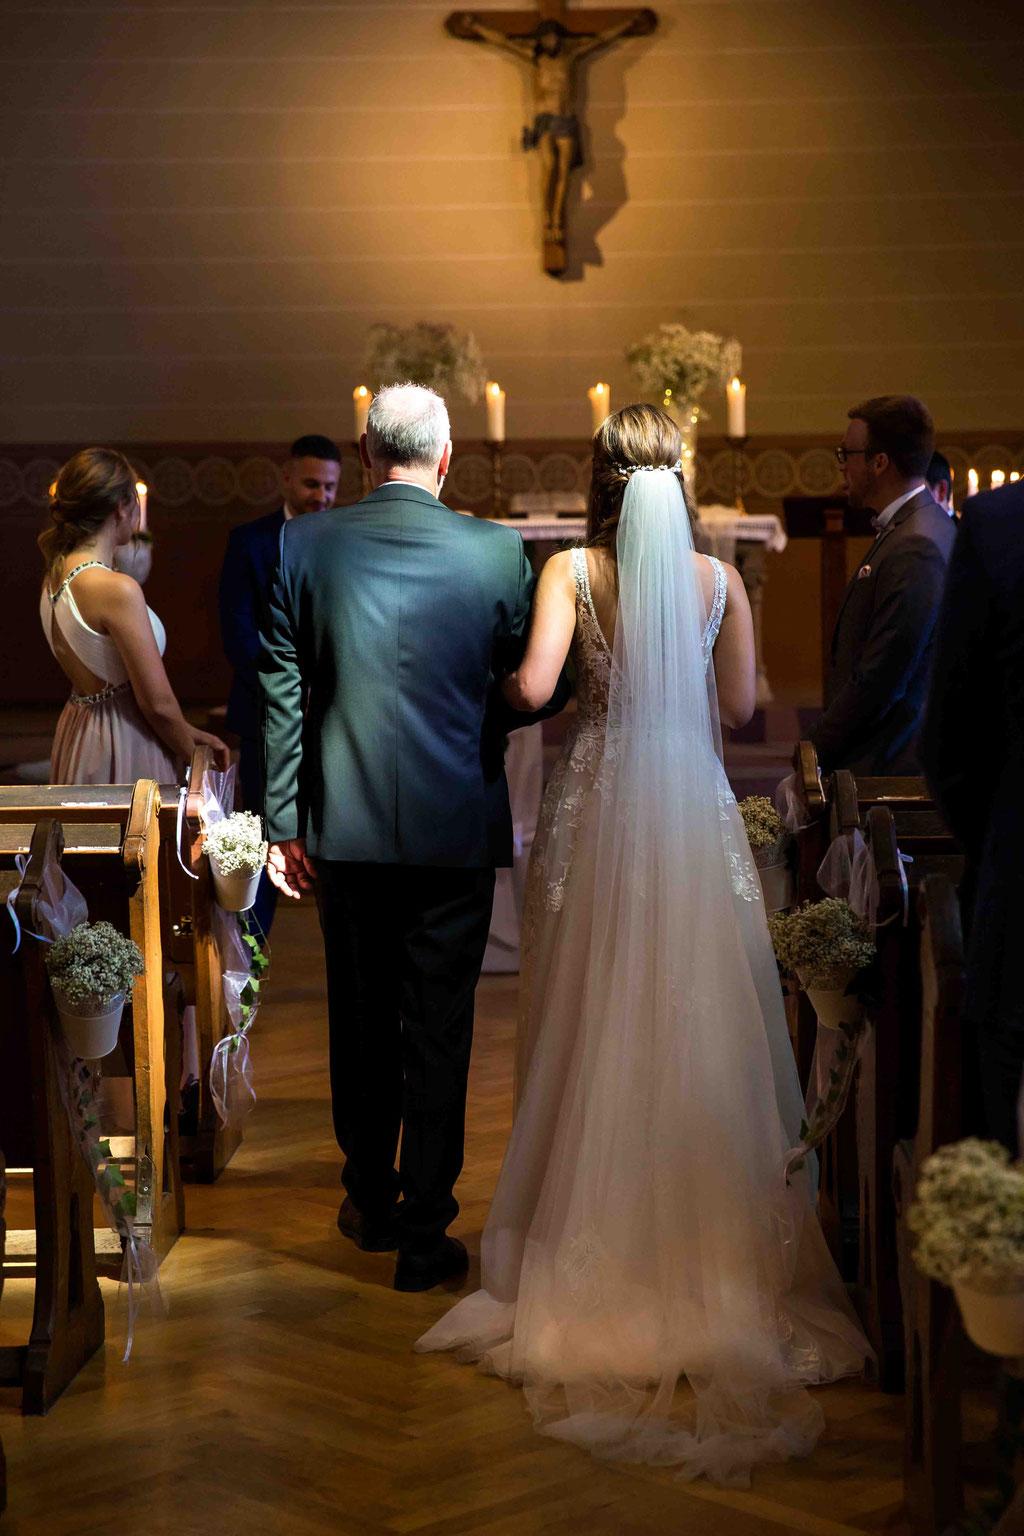 Lichtschein auf die Braut in der Kirche, Besondere Hochzeitsbilder vom Hochzeitsfotograf / Hochzeitsfotografin